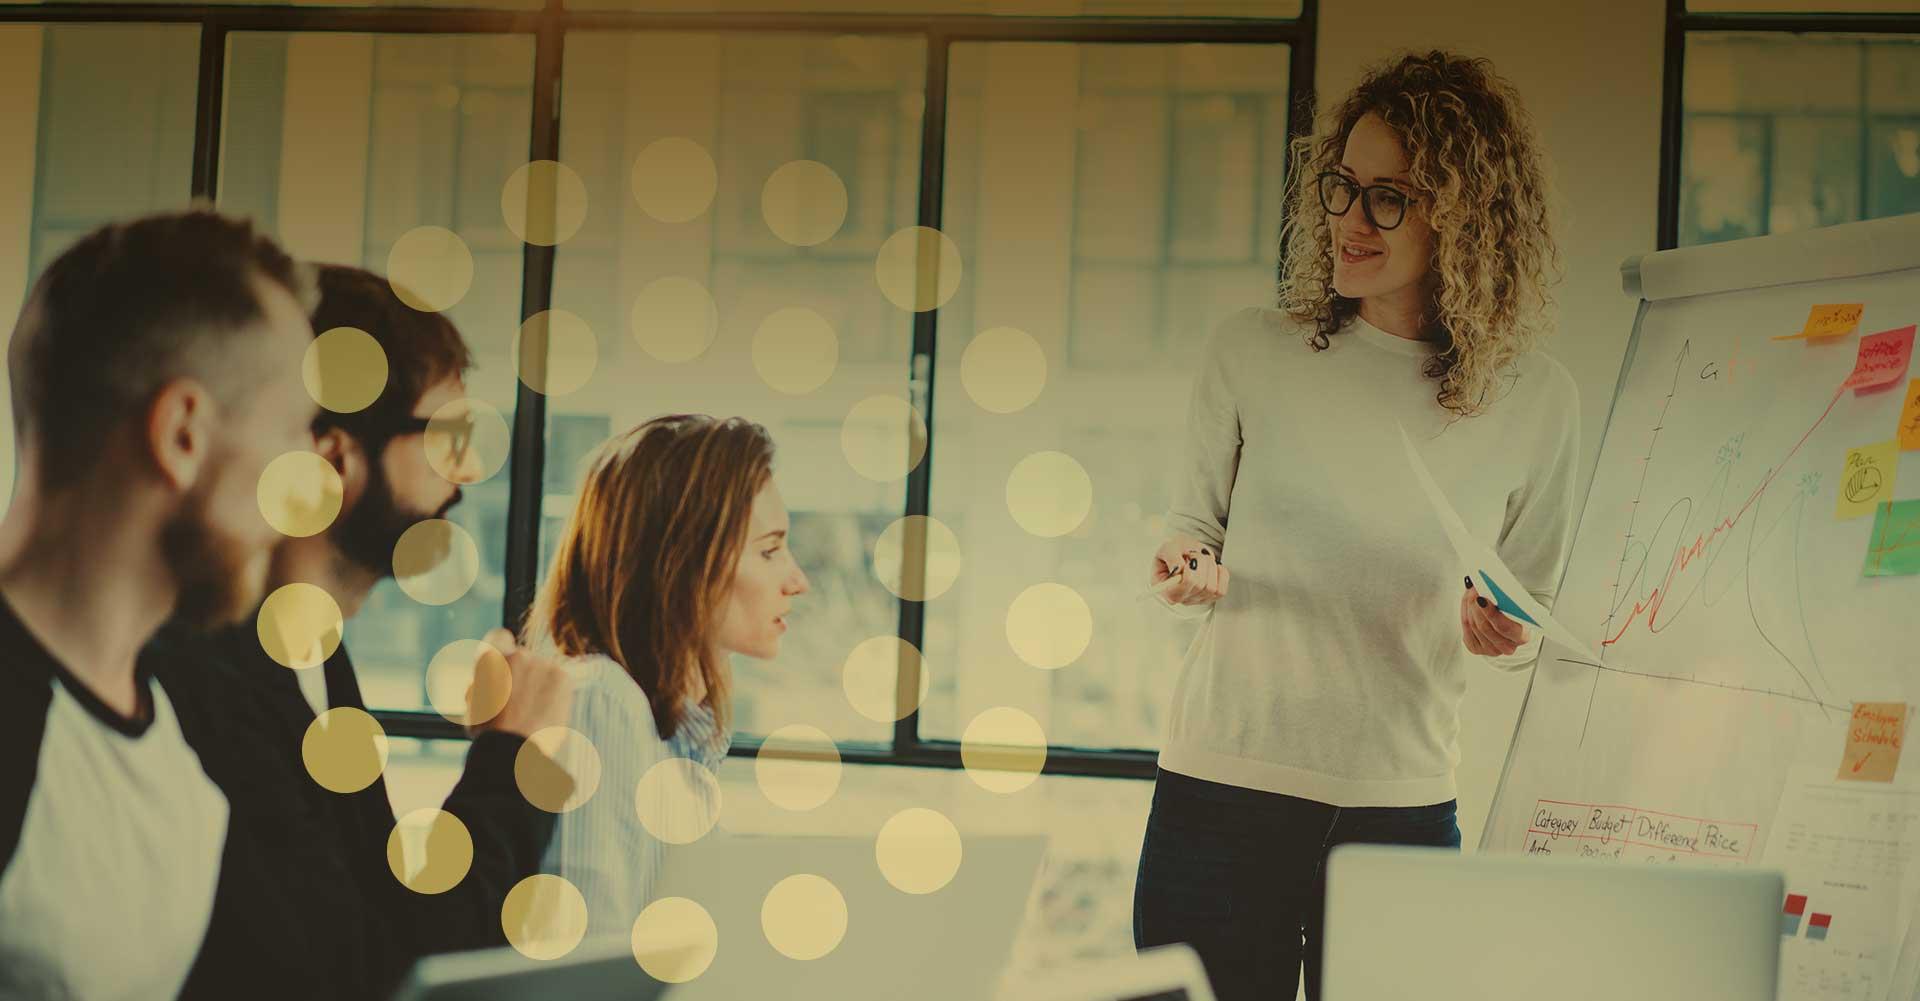 Clocwork HR Services